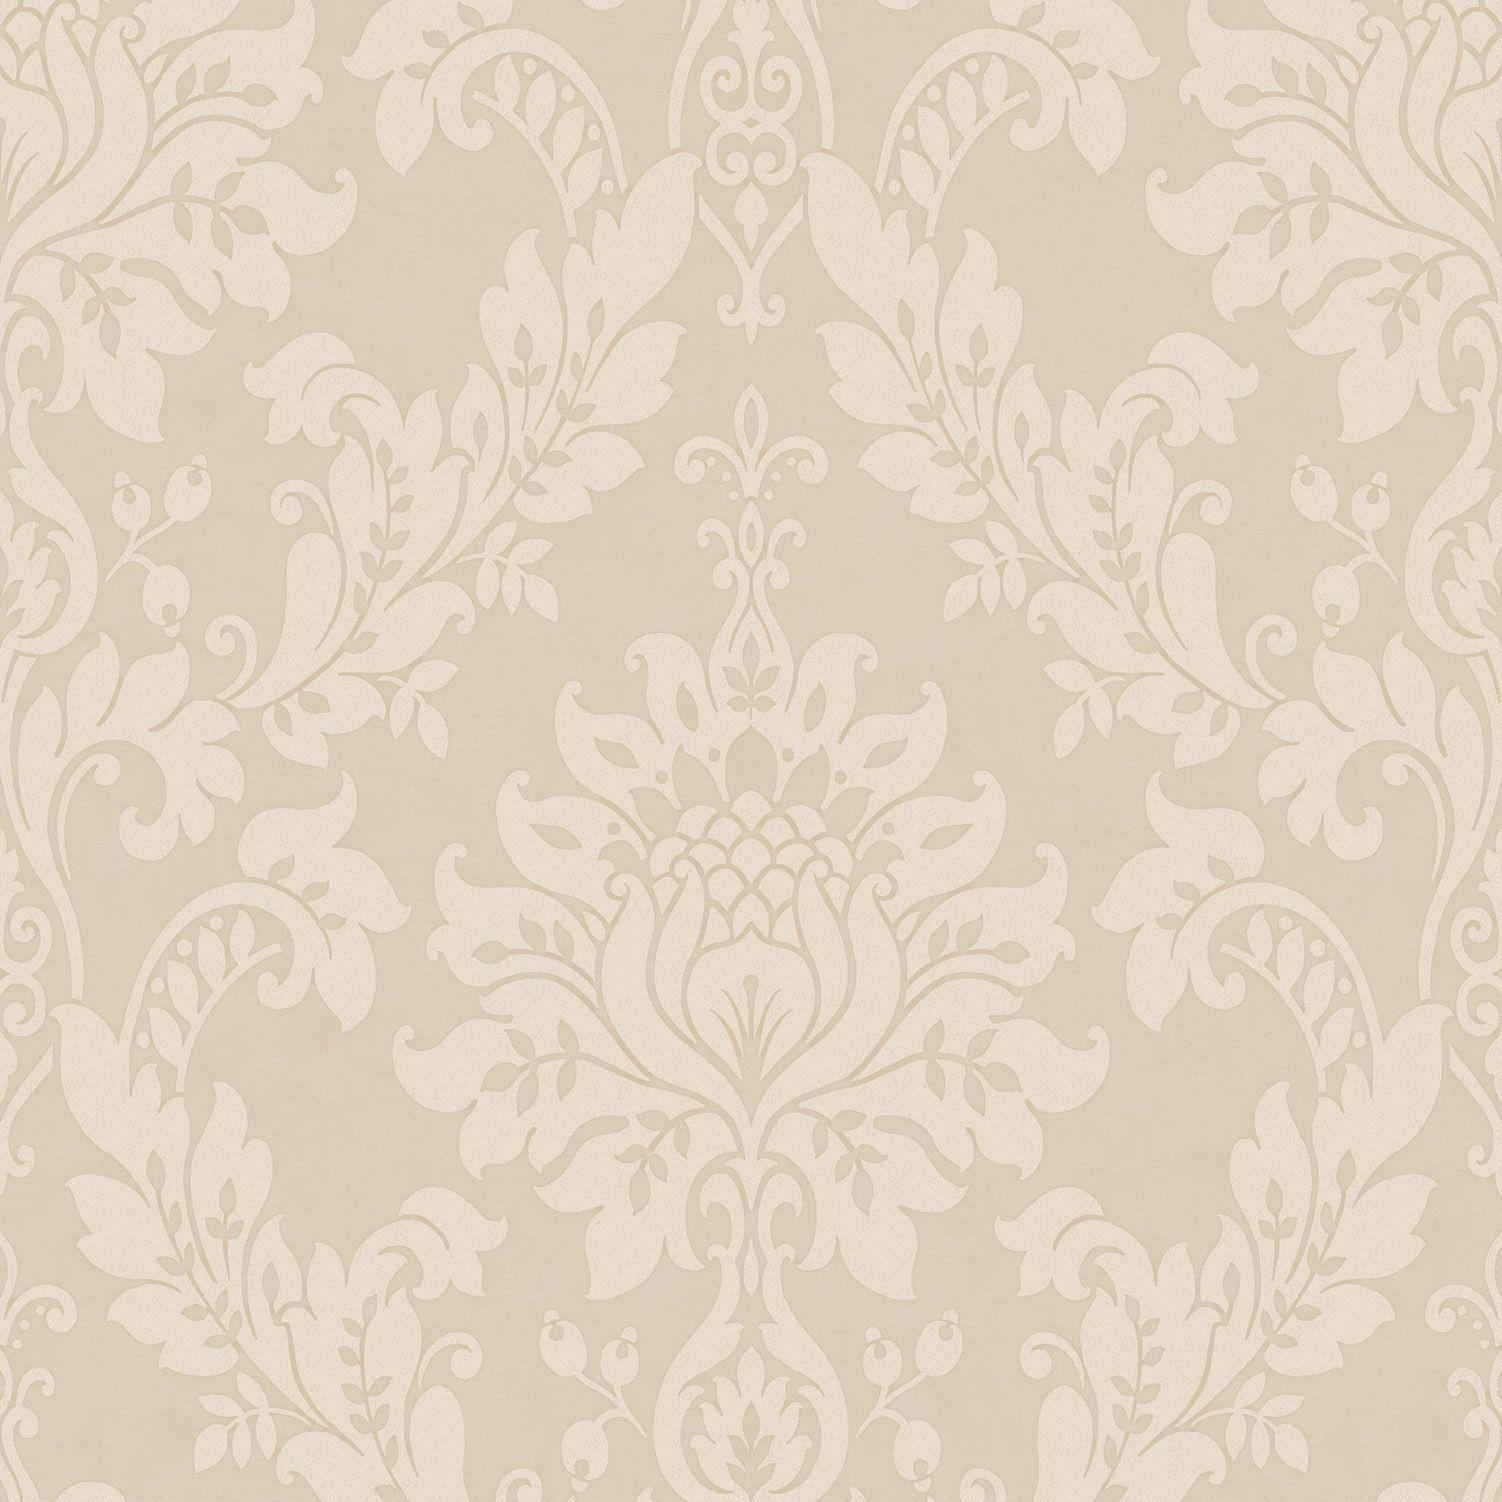 Clara Mink Wallpaper   Departments   DIY at B Q. Opus Clara Mink Damask Wallpaper   DIY and crafts  Wallpapers and Mink